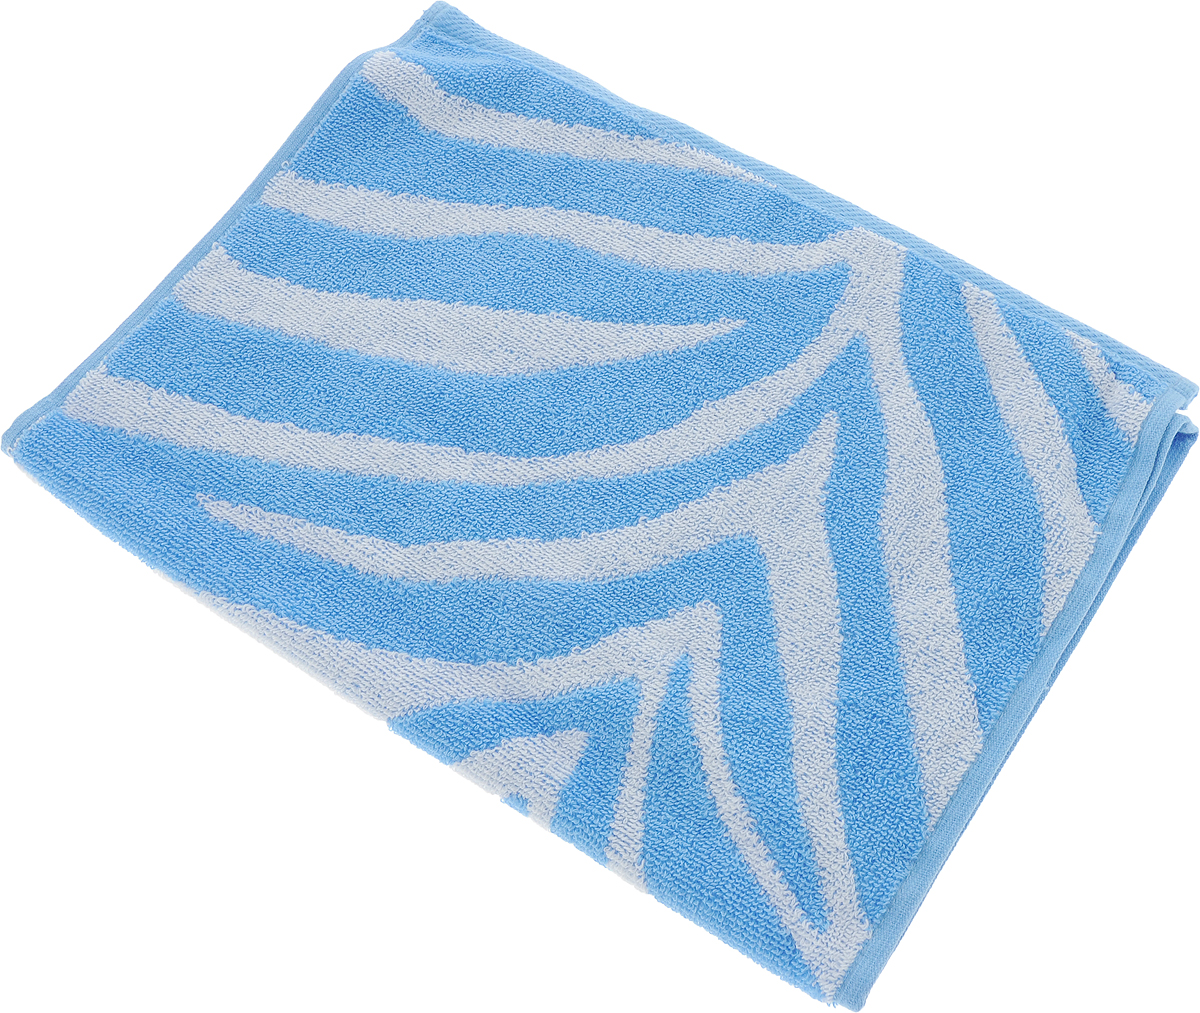 Полотенце Aquarelle Мадагаскар. Зебра, цвет: белый, синий, 35 х 70 см713155Махровое полотенце Aquarelle Мадагаскар. Зебра изготовлено из натурального 100% хлопка.Это мягкое и нежное полотенце добавит ярких красок и позитивного настроя в каждый день. Изделие отлично впитывает влагу, быстро сохнет, сохраняет яркость цвета даже после многократных стирок.